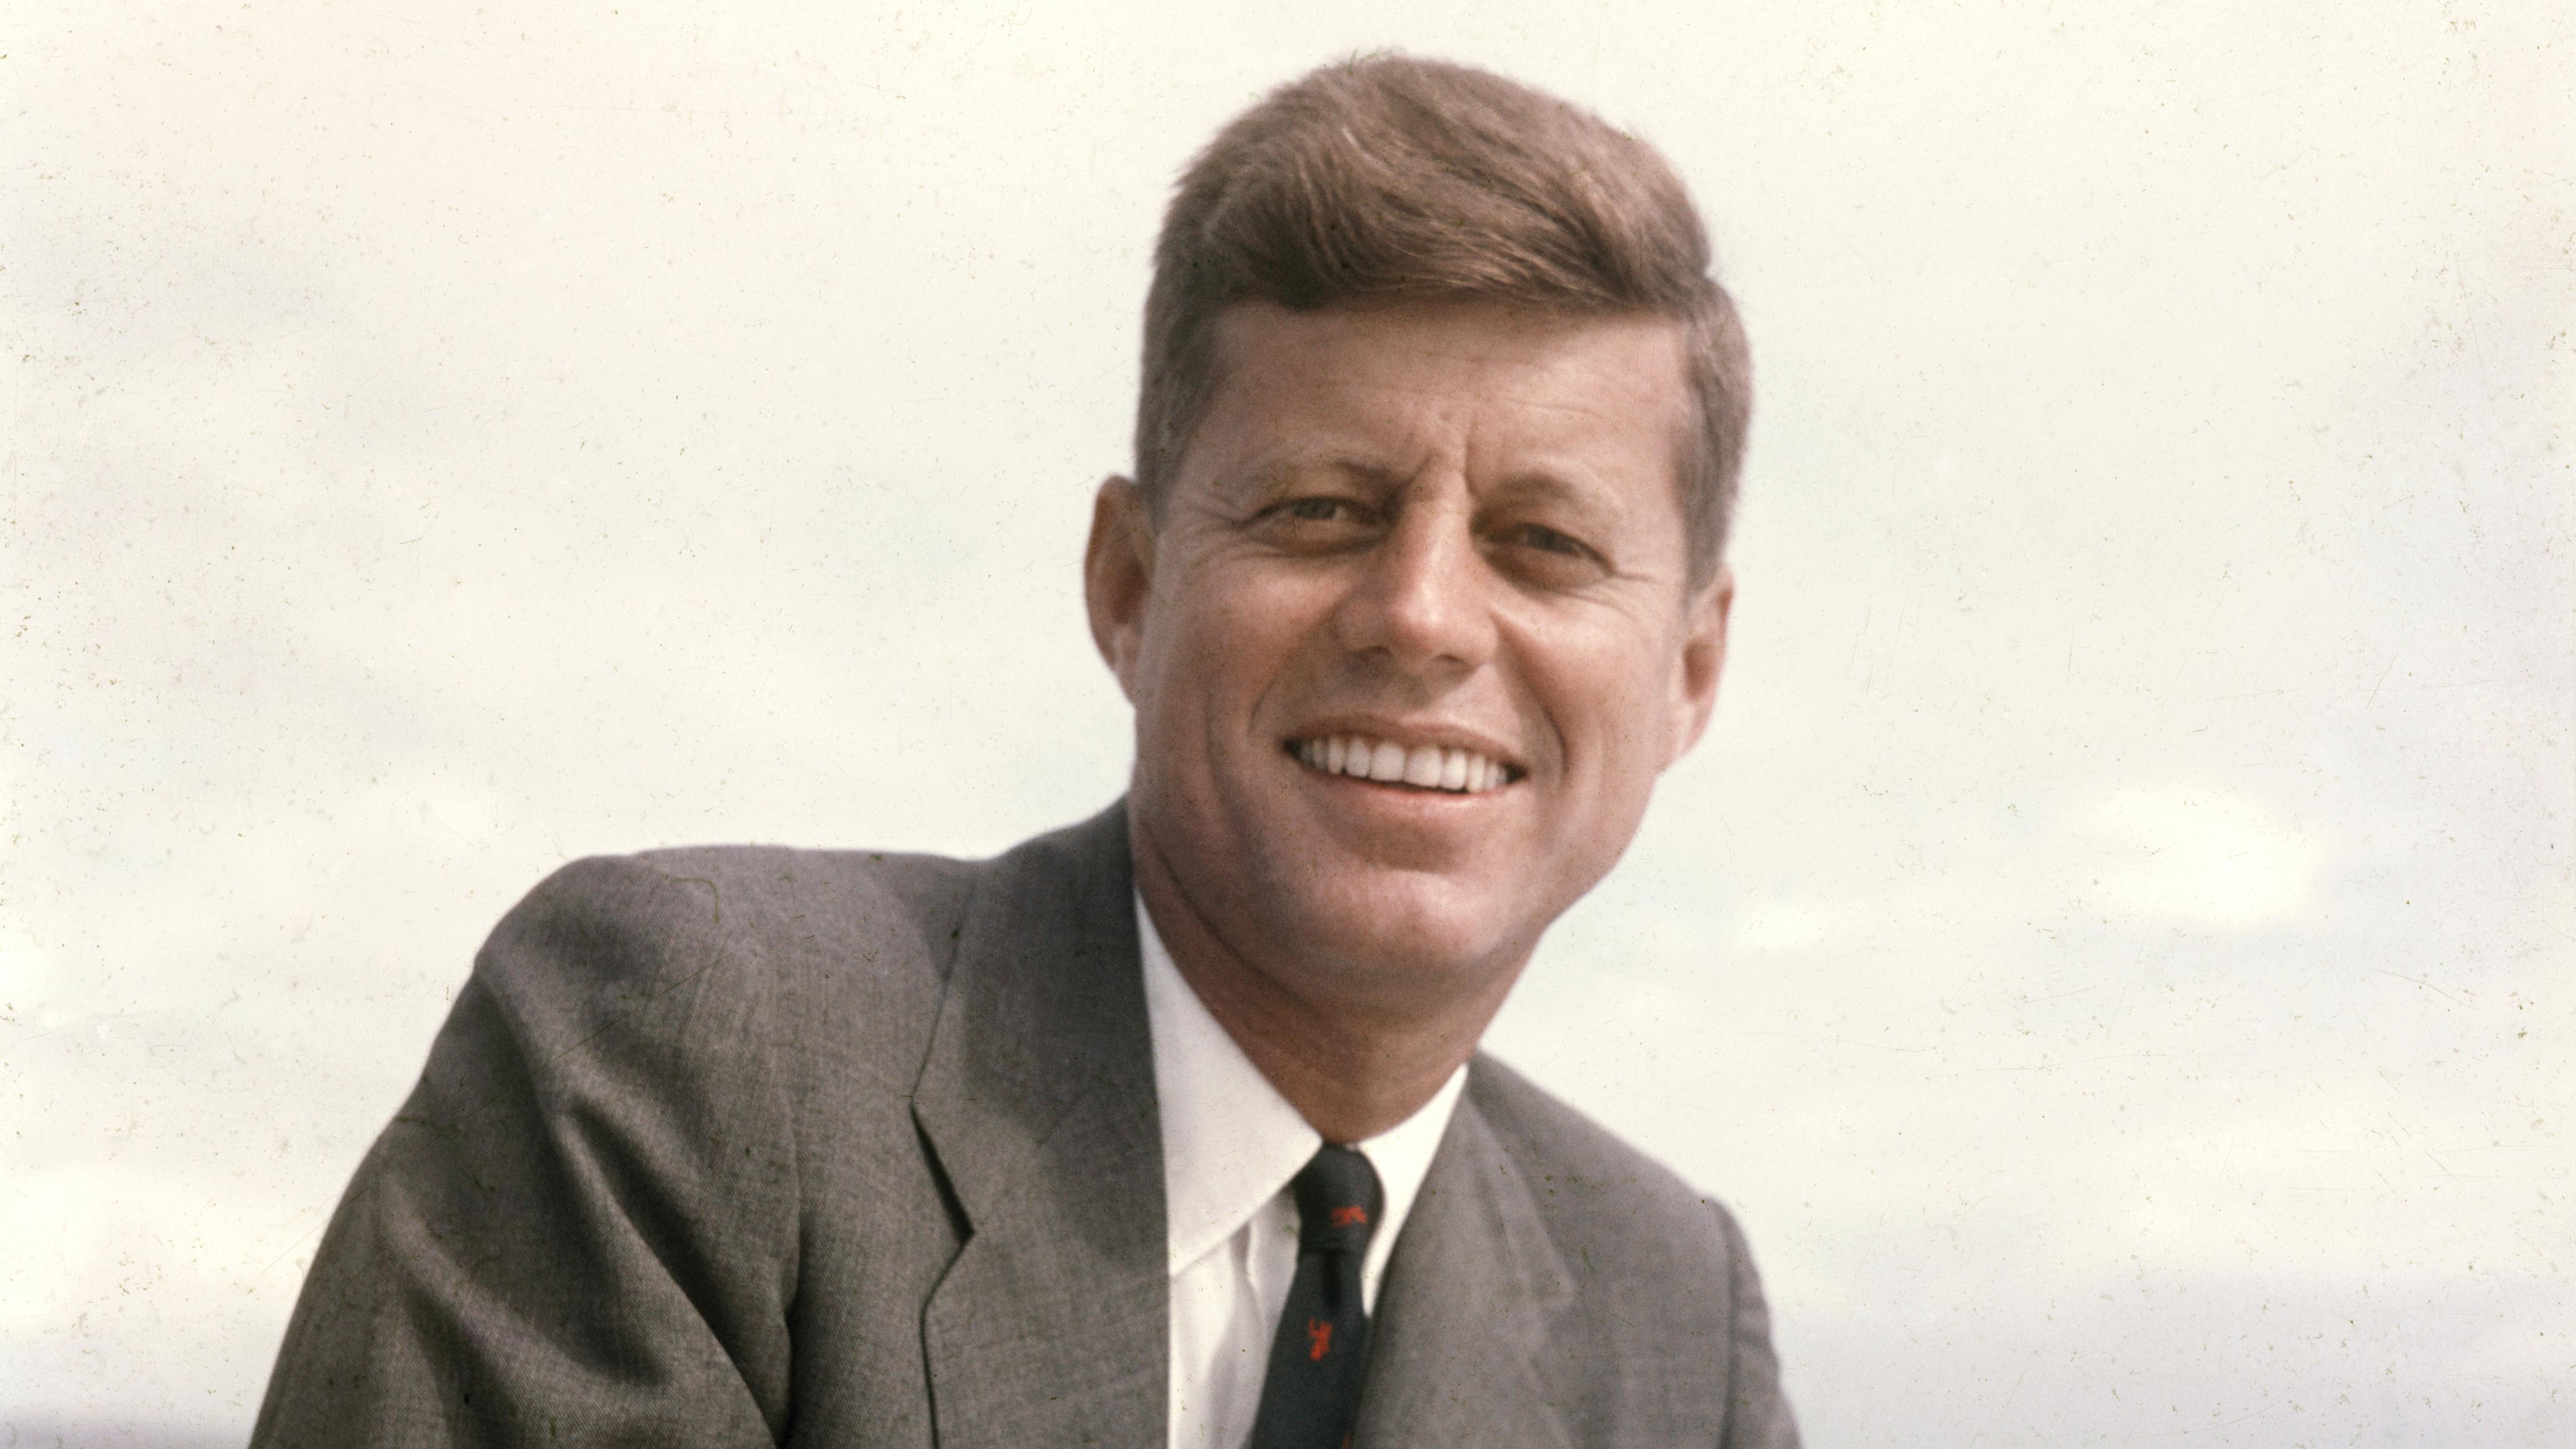 jfk years in office. John F. Kennedy Jfk Years In Office J